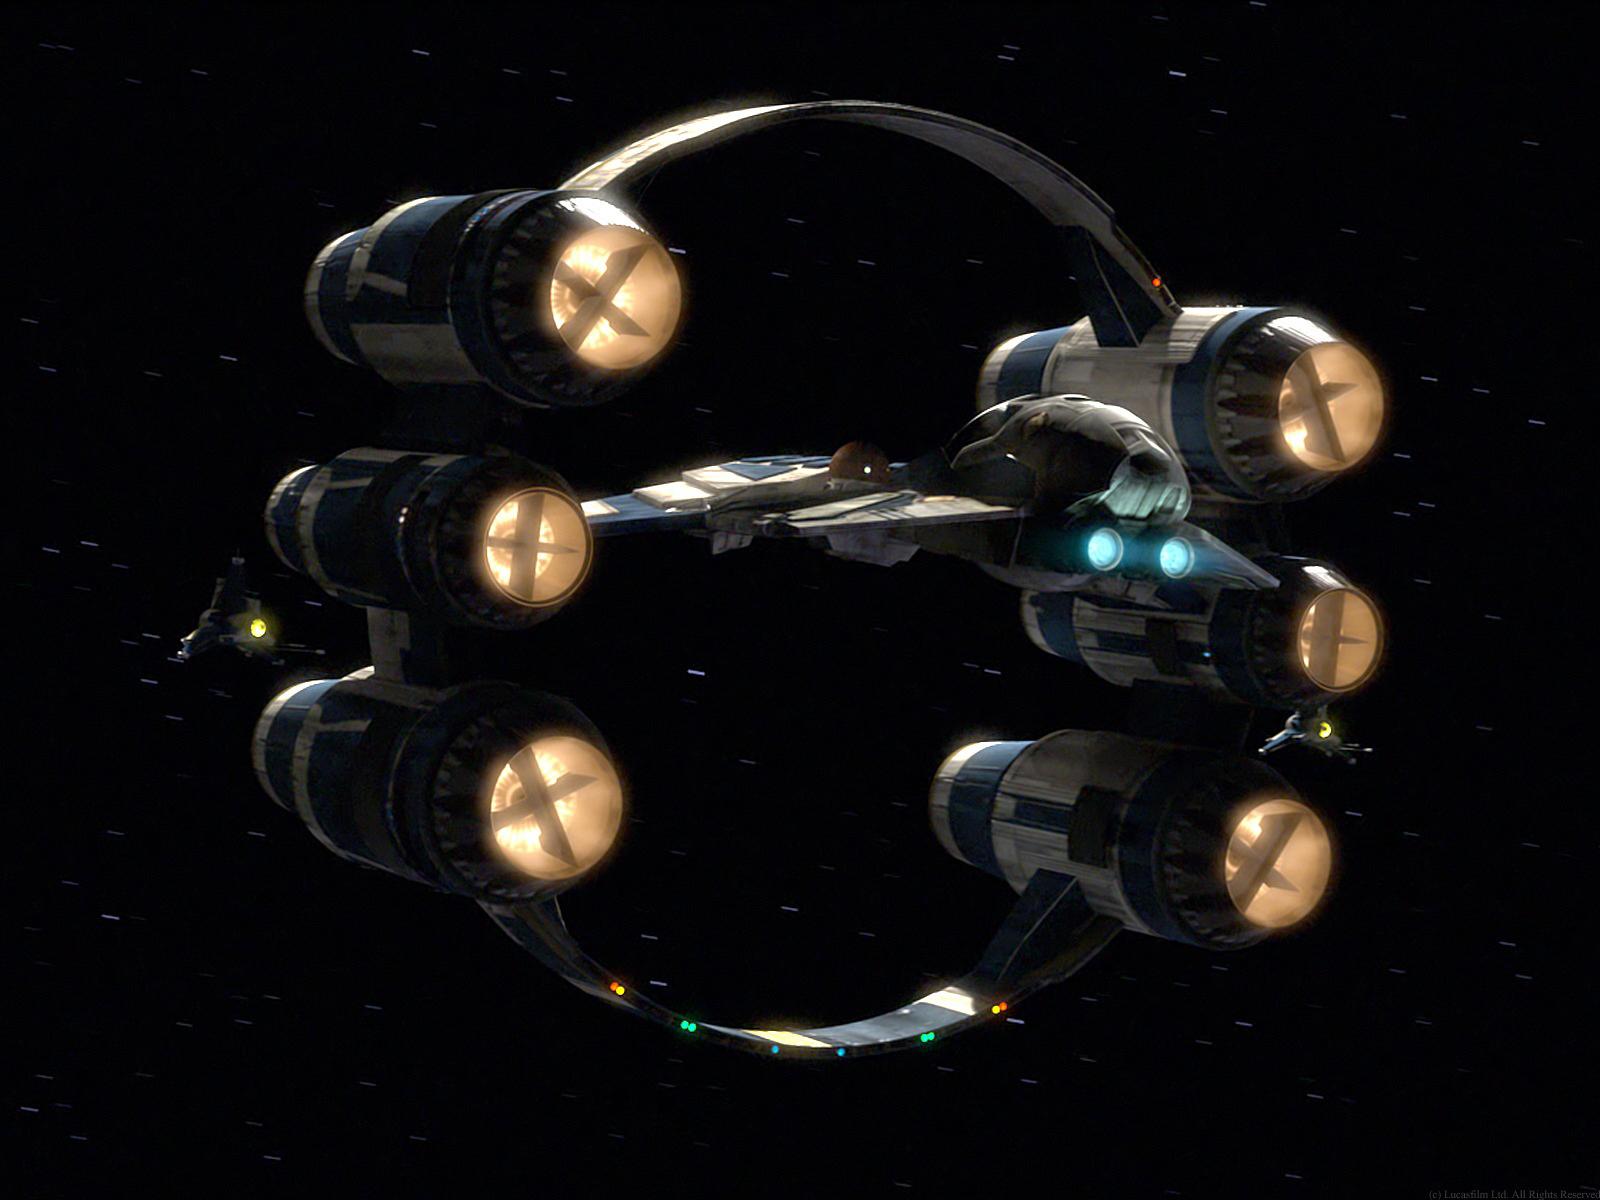 cool star wars wallpapers image obi 1 kenobi mod db